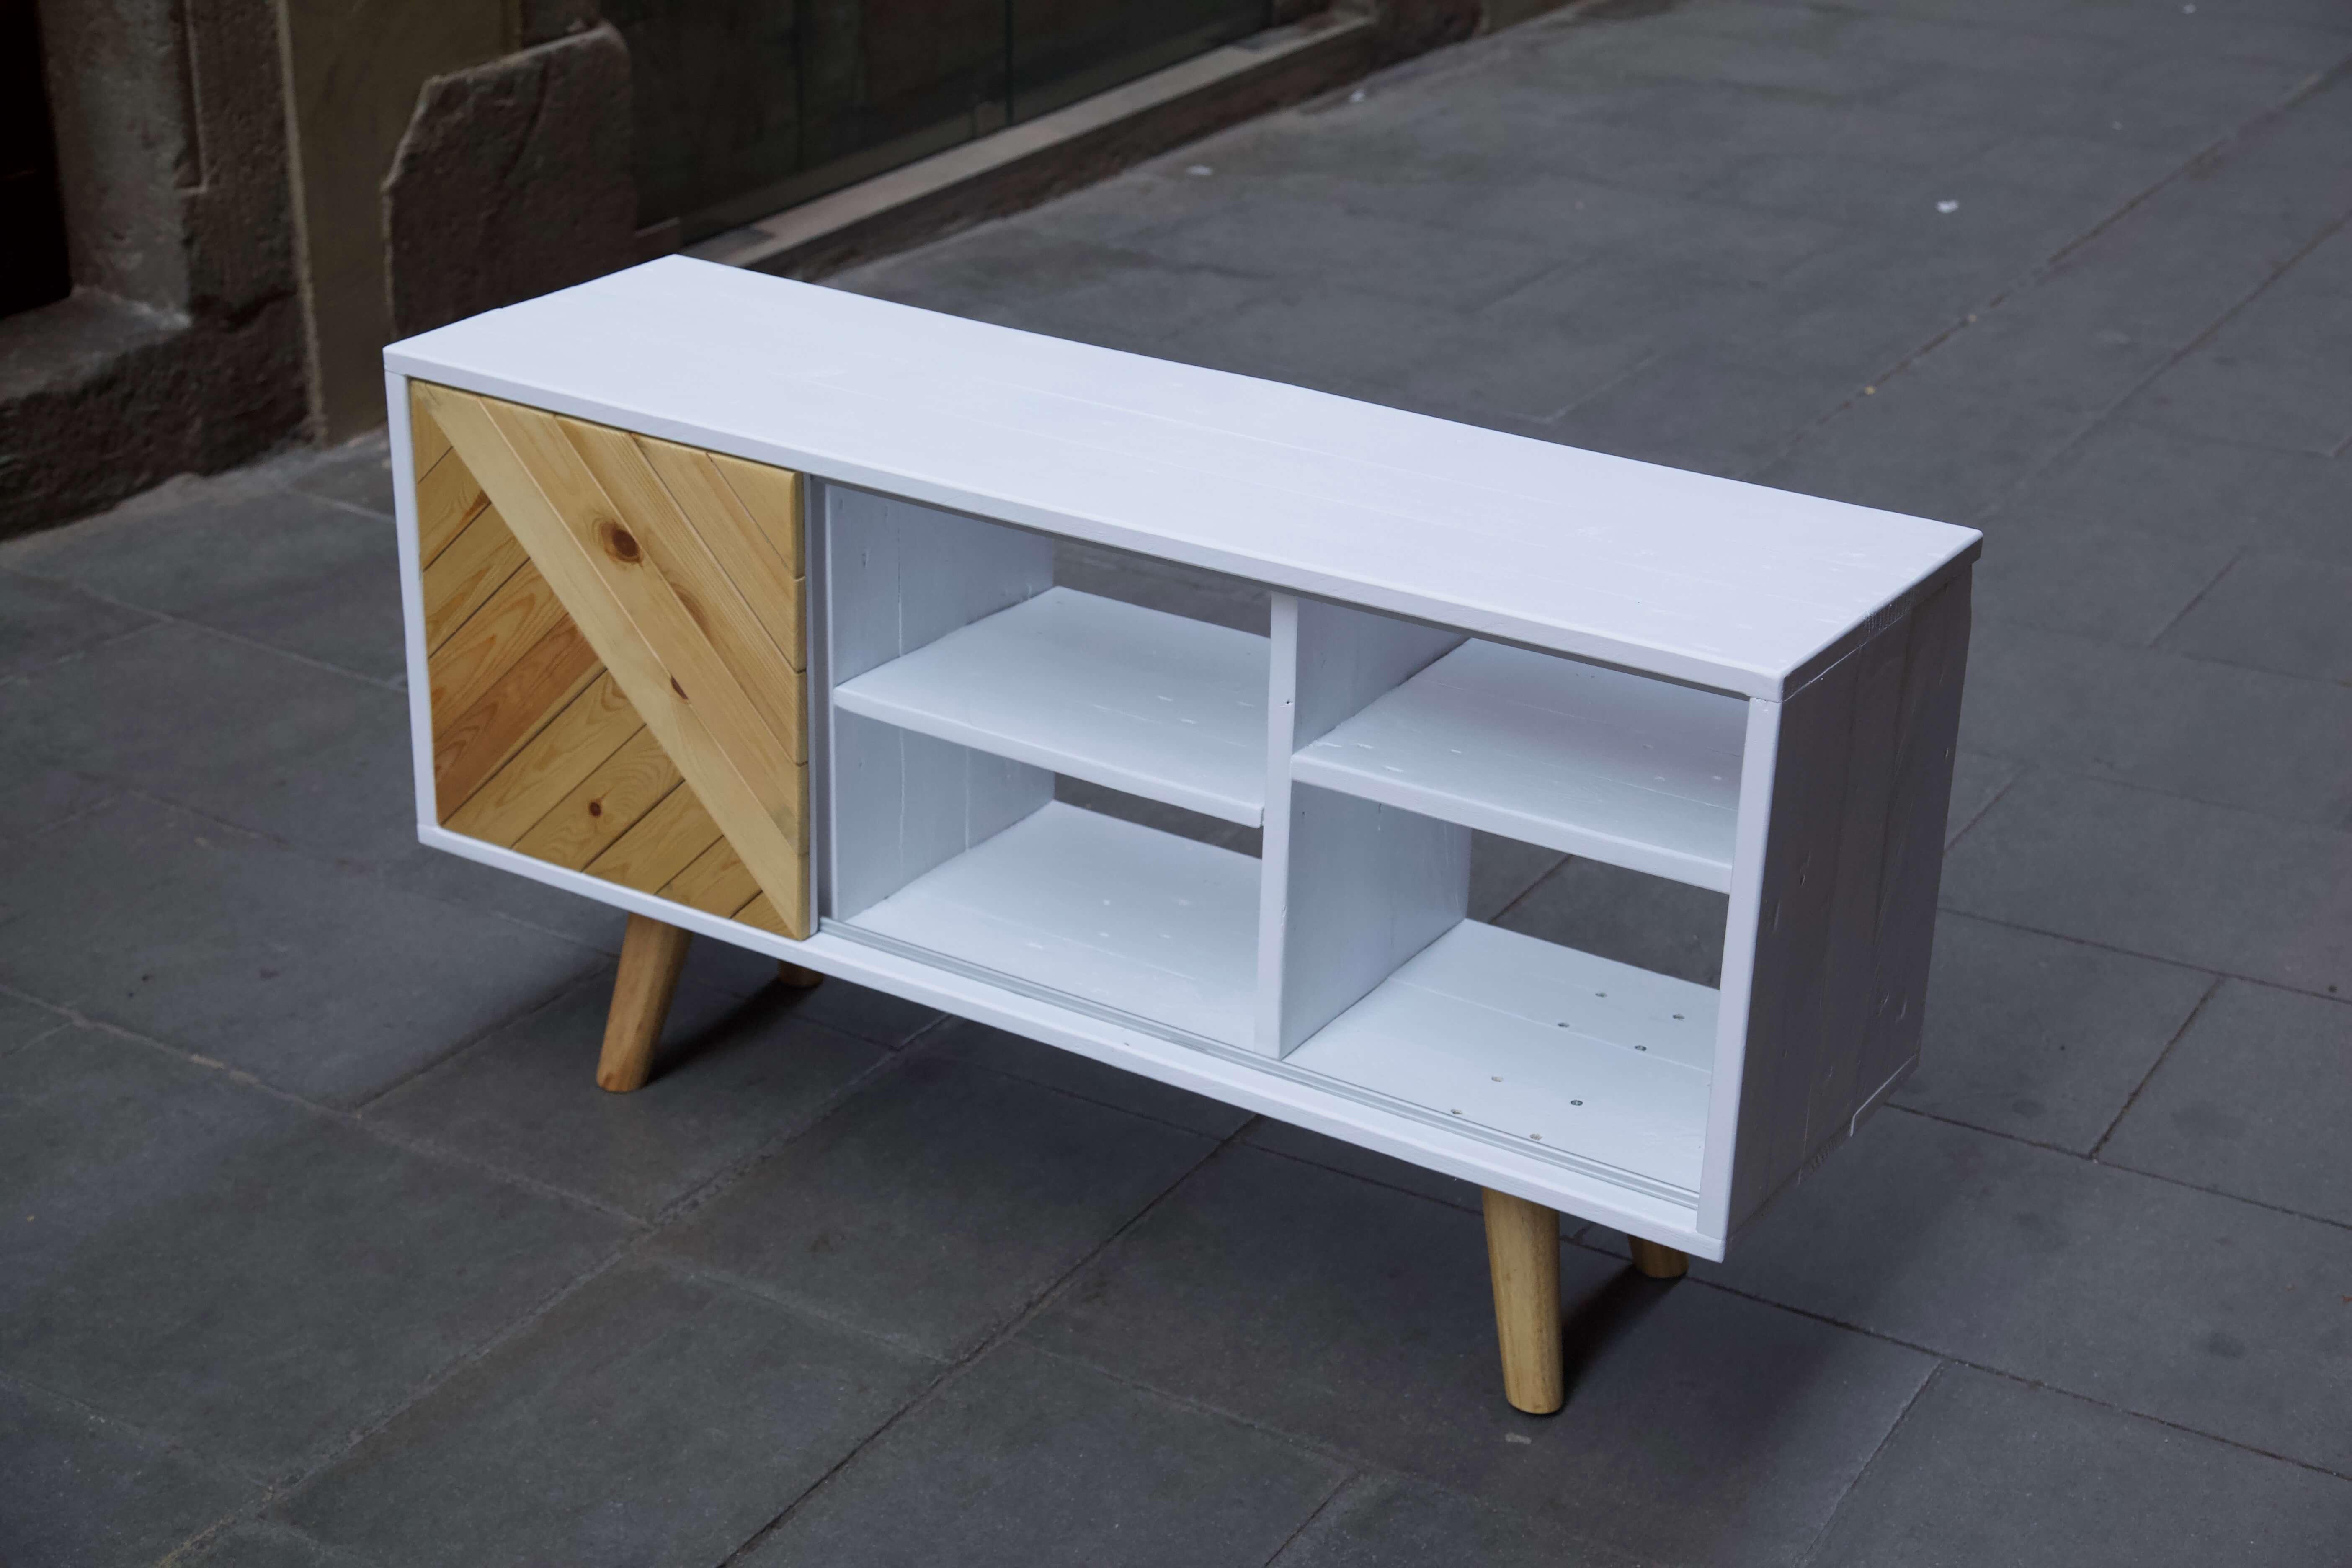 Mueble hecho con palets y madera reciclada desde arriba derecha